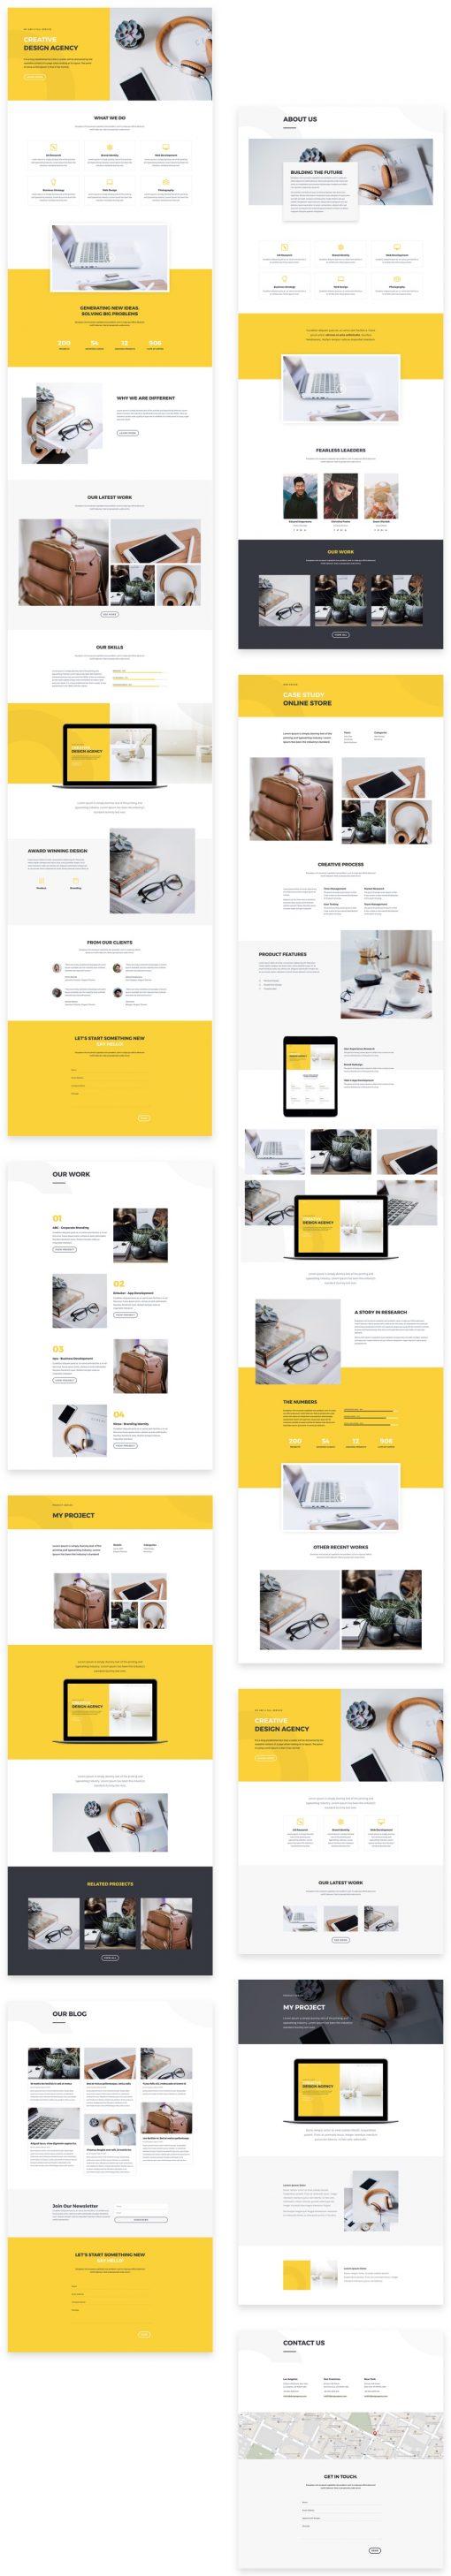 Lanarkshire Website Design-pre-designed graphic designer and advertising agency layout